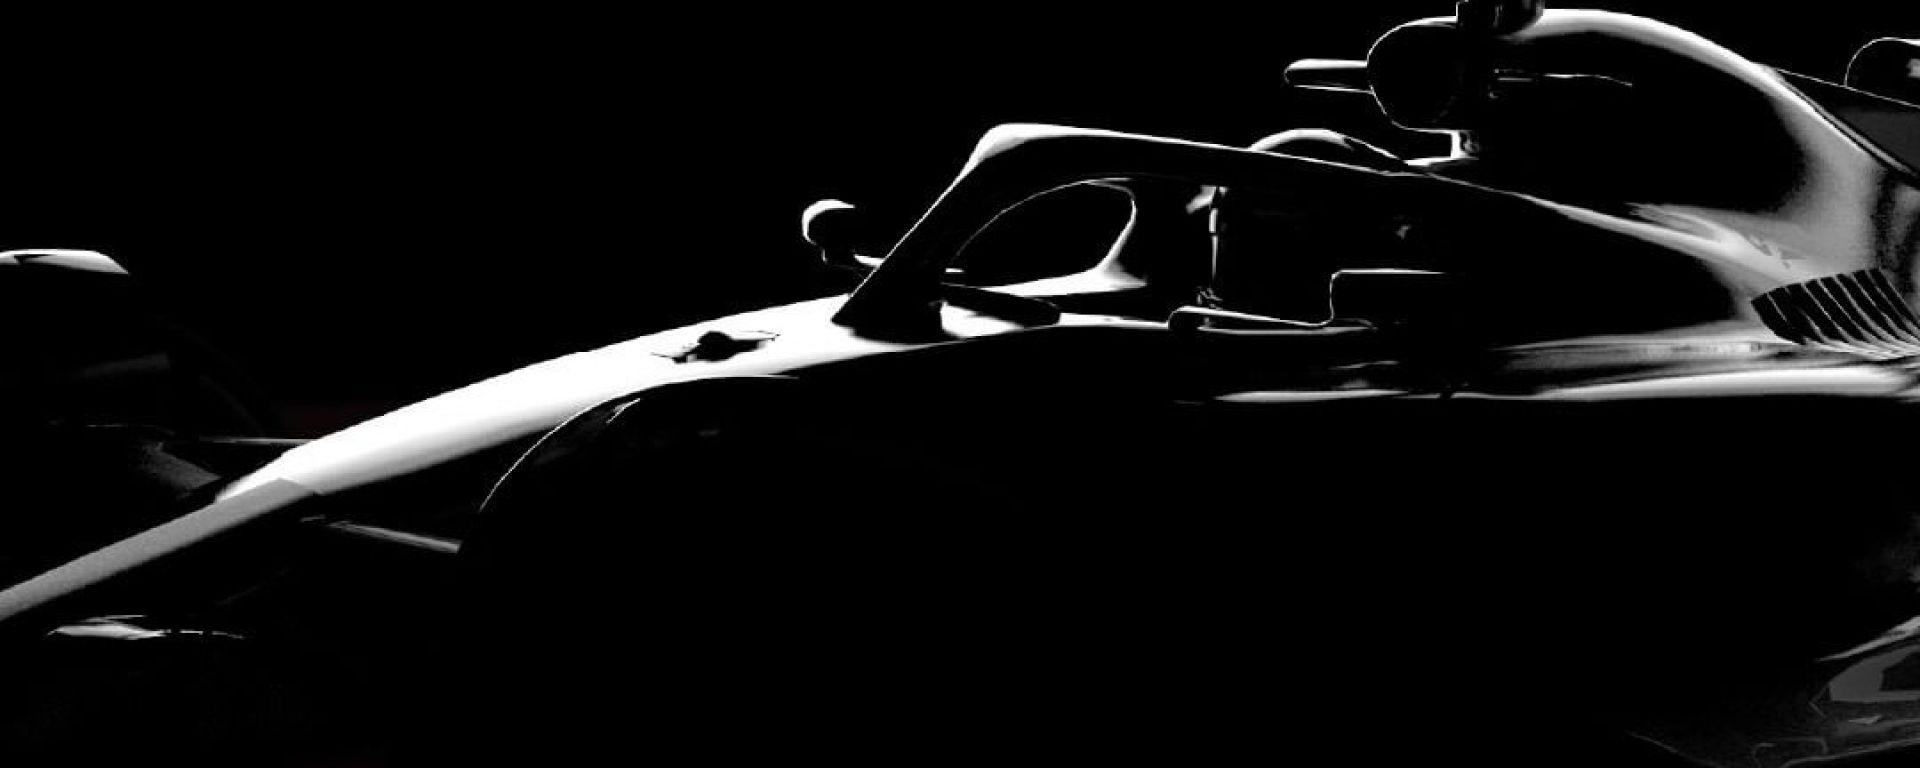 La nuova era della F1: si svelano le auto 2022 - Video streaming